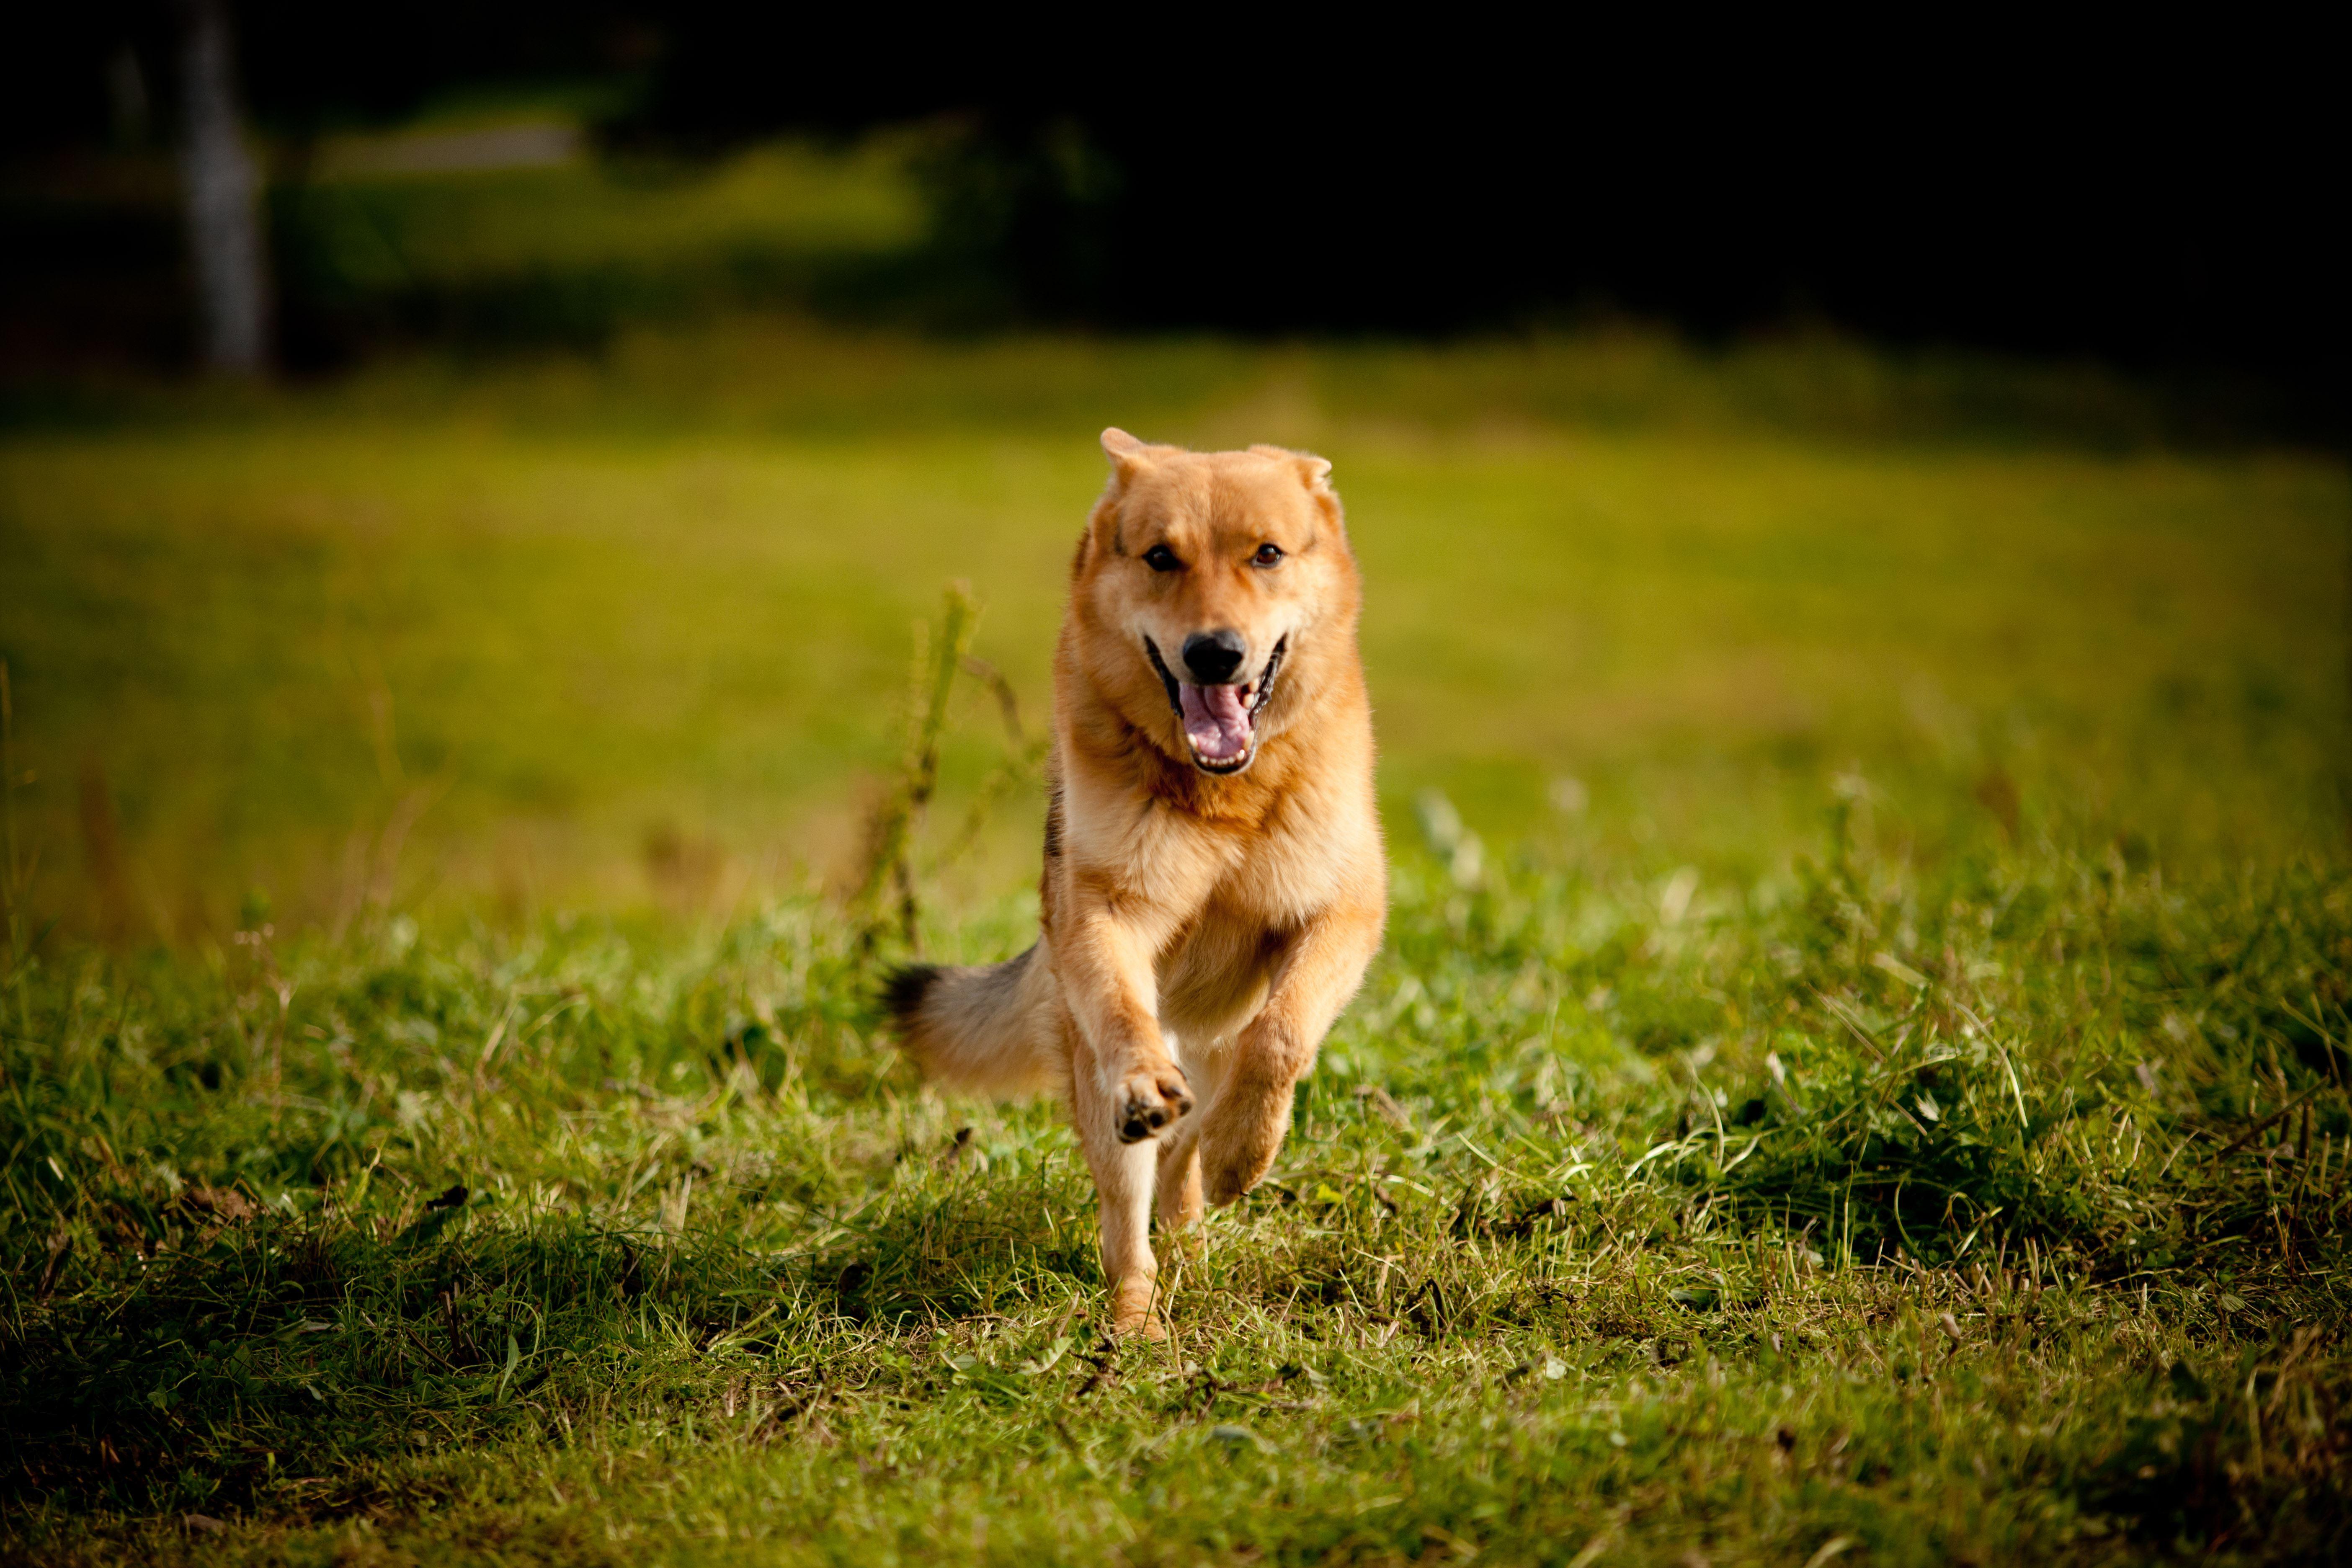 www.ricke.se,  © Malå kommun, Lydnadstävling hund - Malå brukshundsklubb